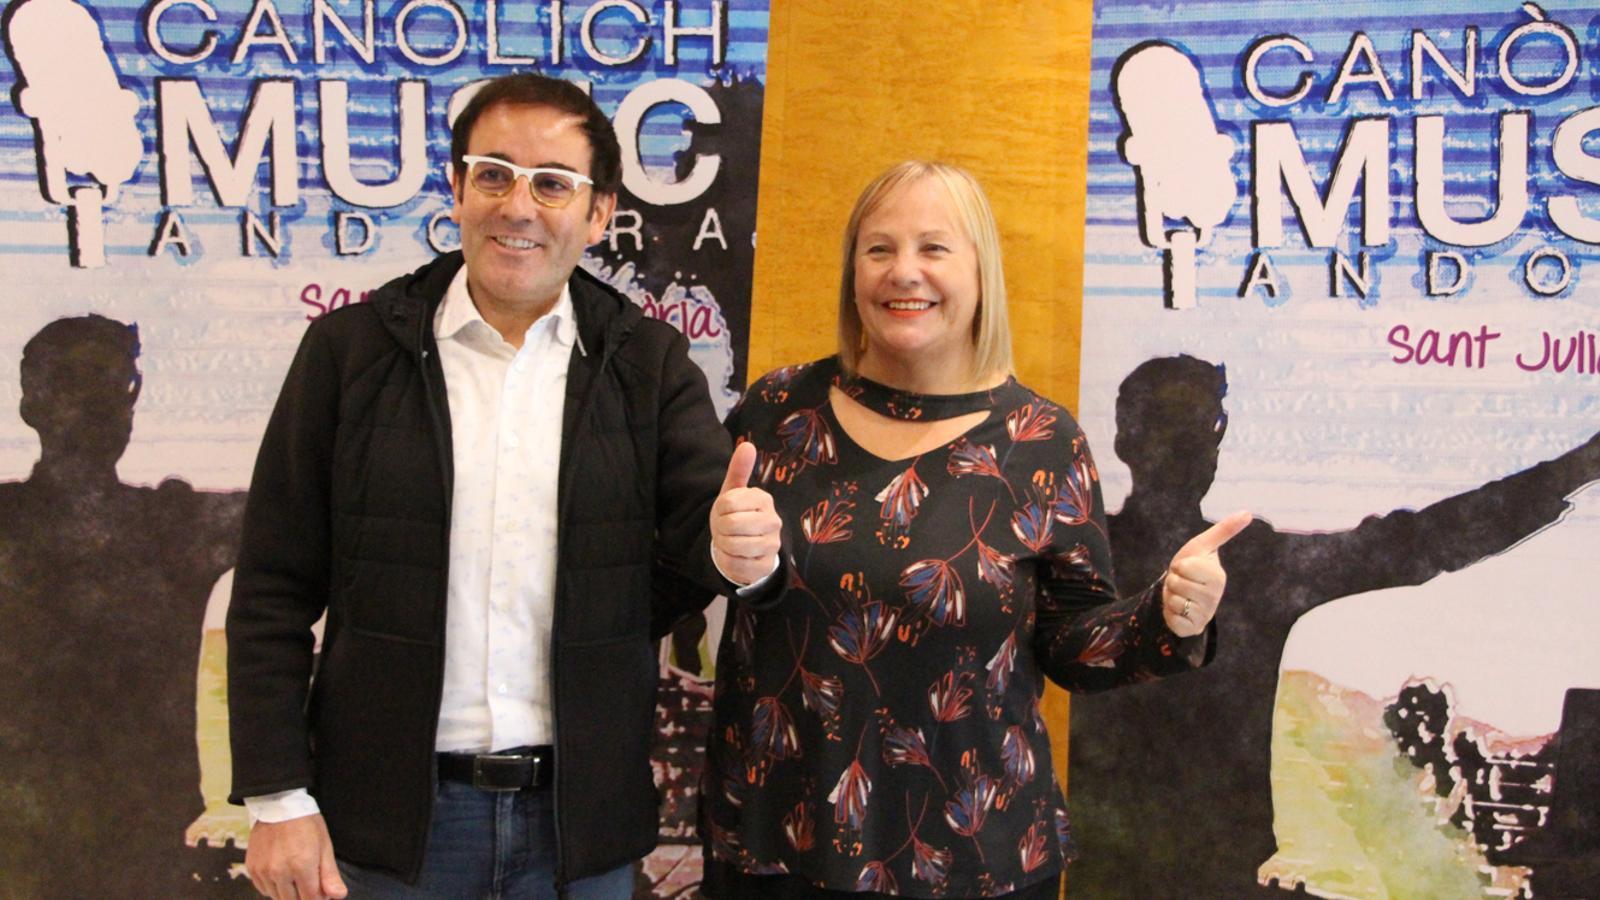 La consellera de Social del comú de Sant Juià de Lòria, Paqui Barbero, i mossèn Pepe Chisvert durant la presentació de la 7a edició del festival Canòlich Music. / M. P. (ANA)